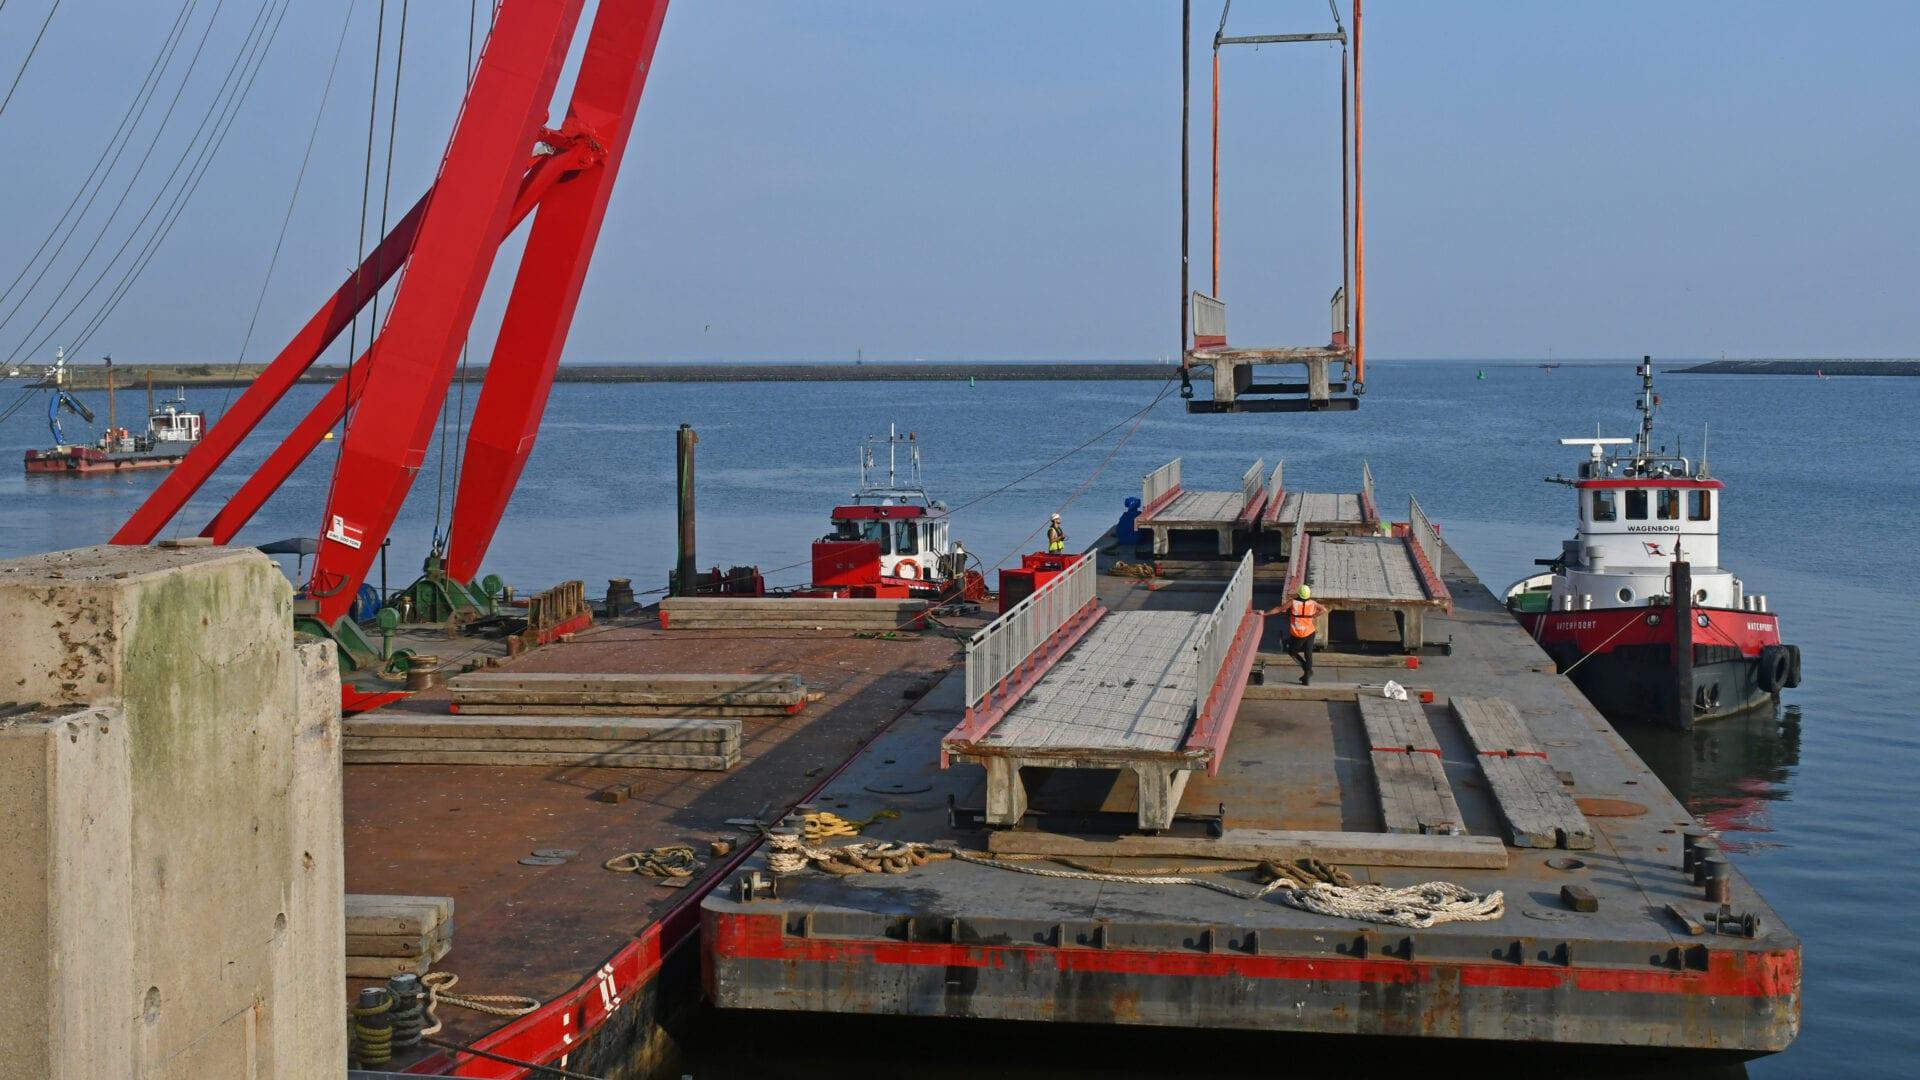 Renovatie van de bestaande spuimiddelen. Op de foto worden de fietsbruggen met een drijvend blok verwijderd.